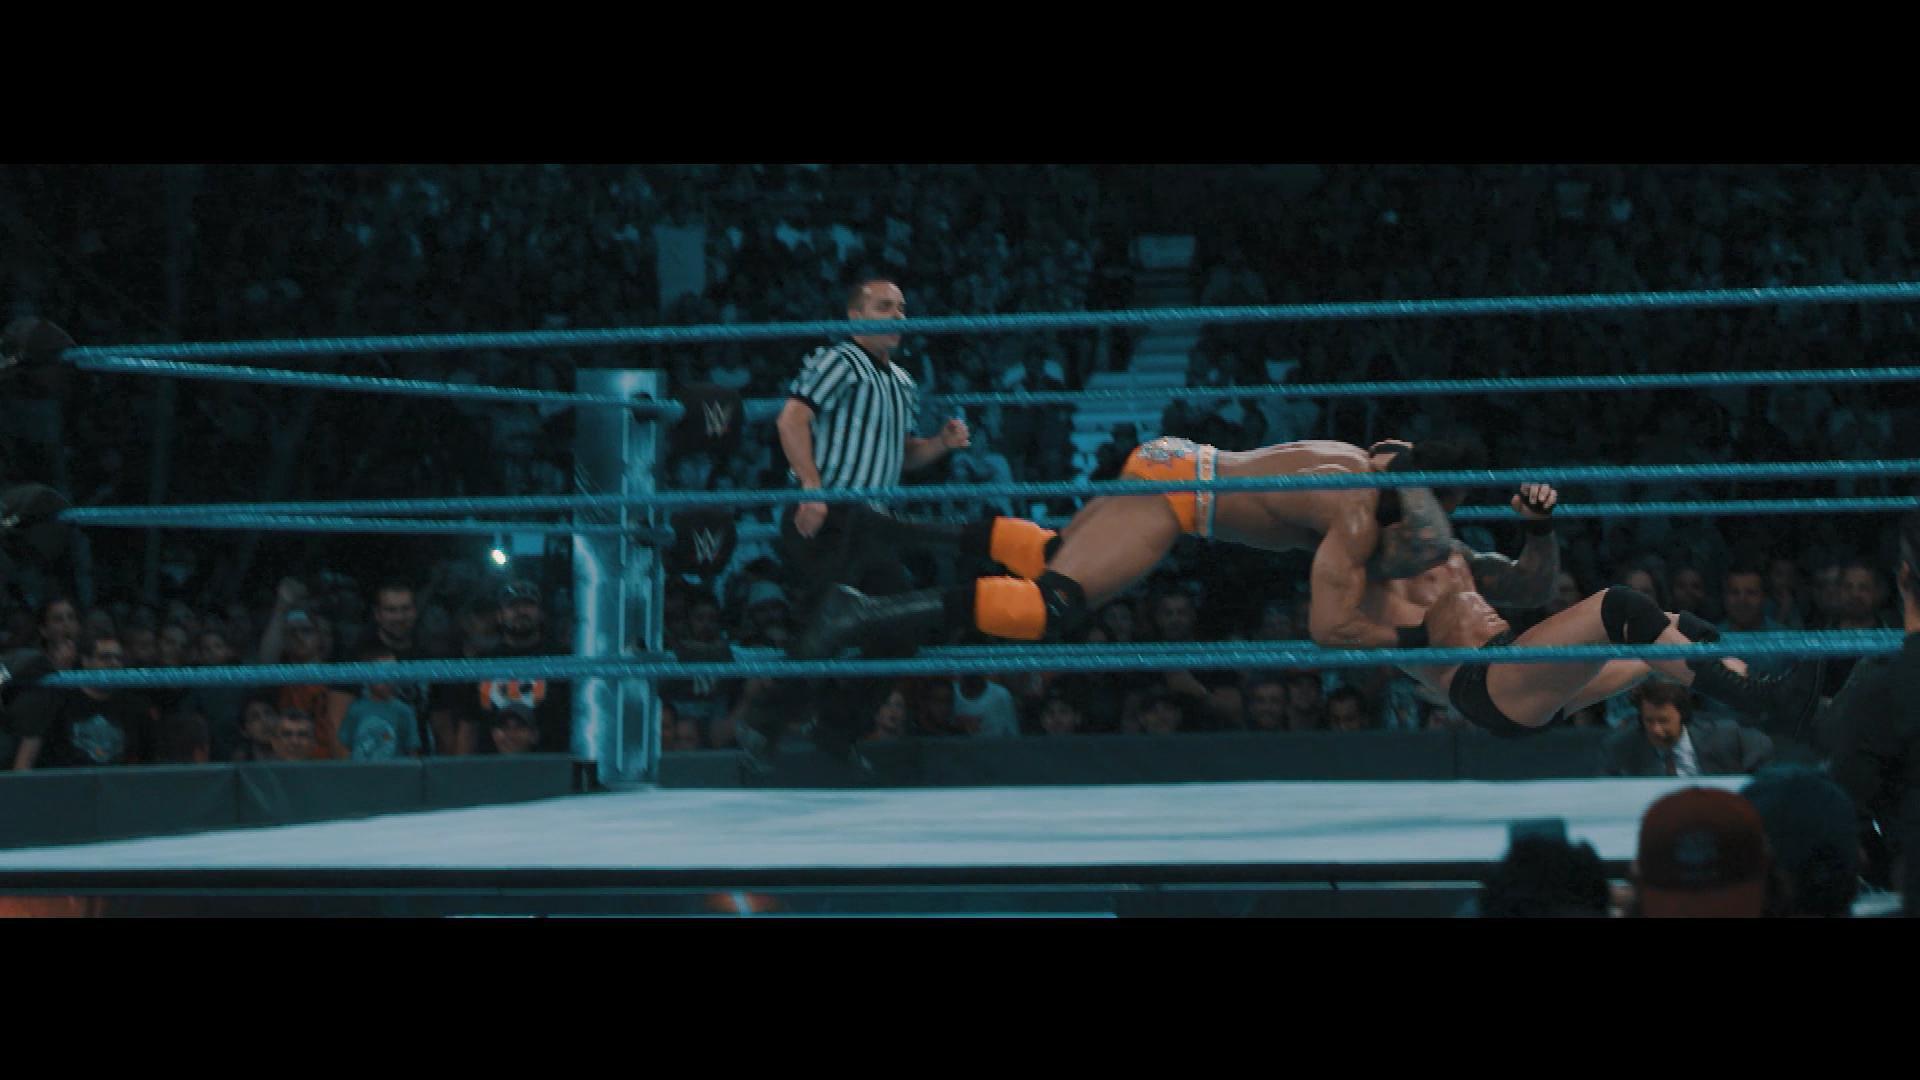 Nowe nagranie zwycięstwa Randy'ego Ortona nad Jinderem Mahalem: WWE.com Exclusive 11.08.17